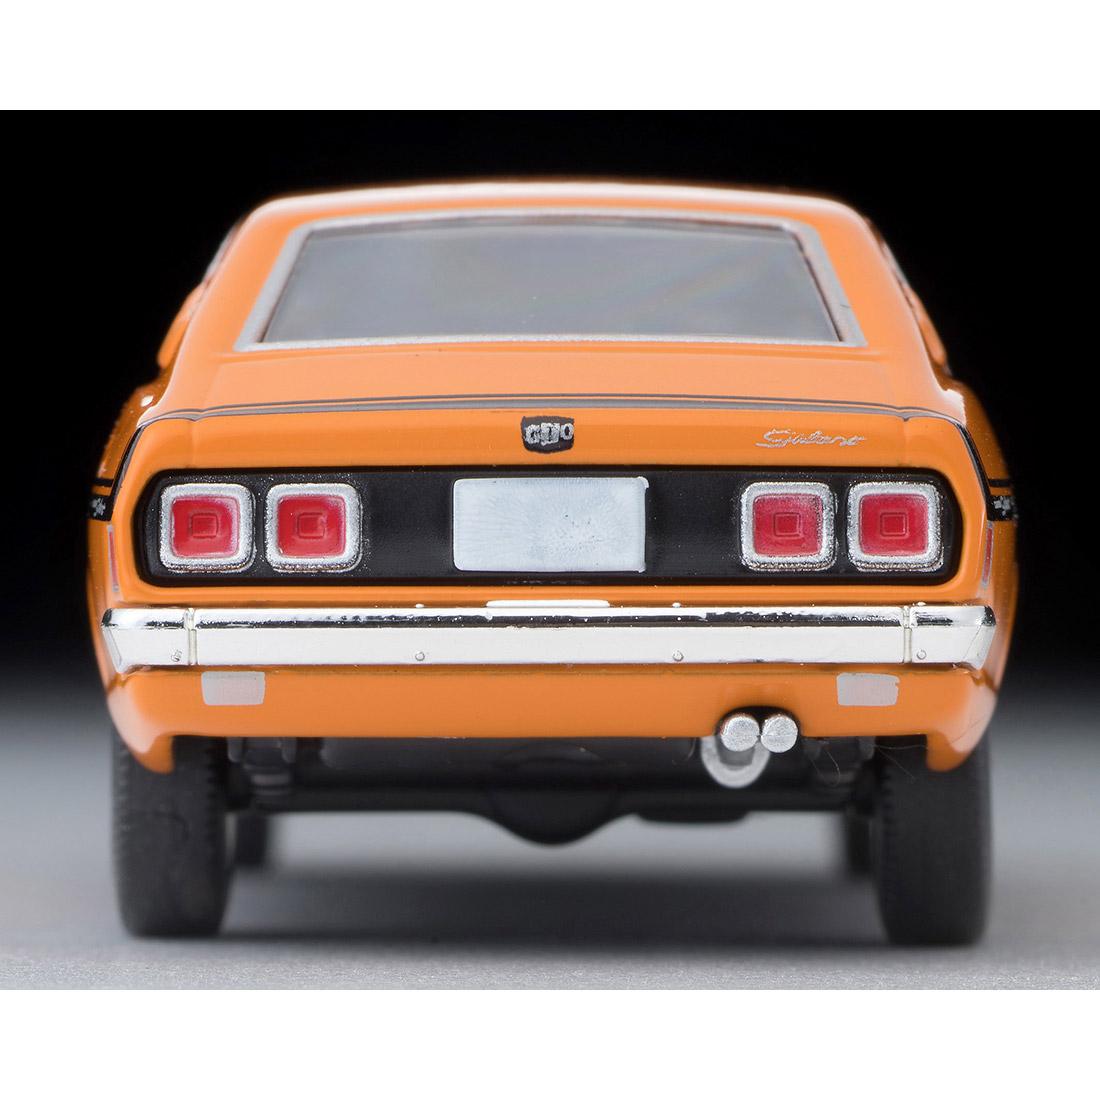 トミカリミテッドヴィンテージ ネオ LV-N204a『コルトギャランGTO MR(橙)』1/64 ミニカー-005